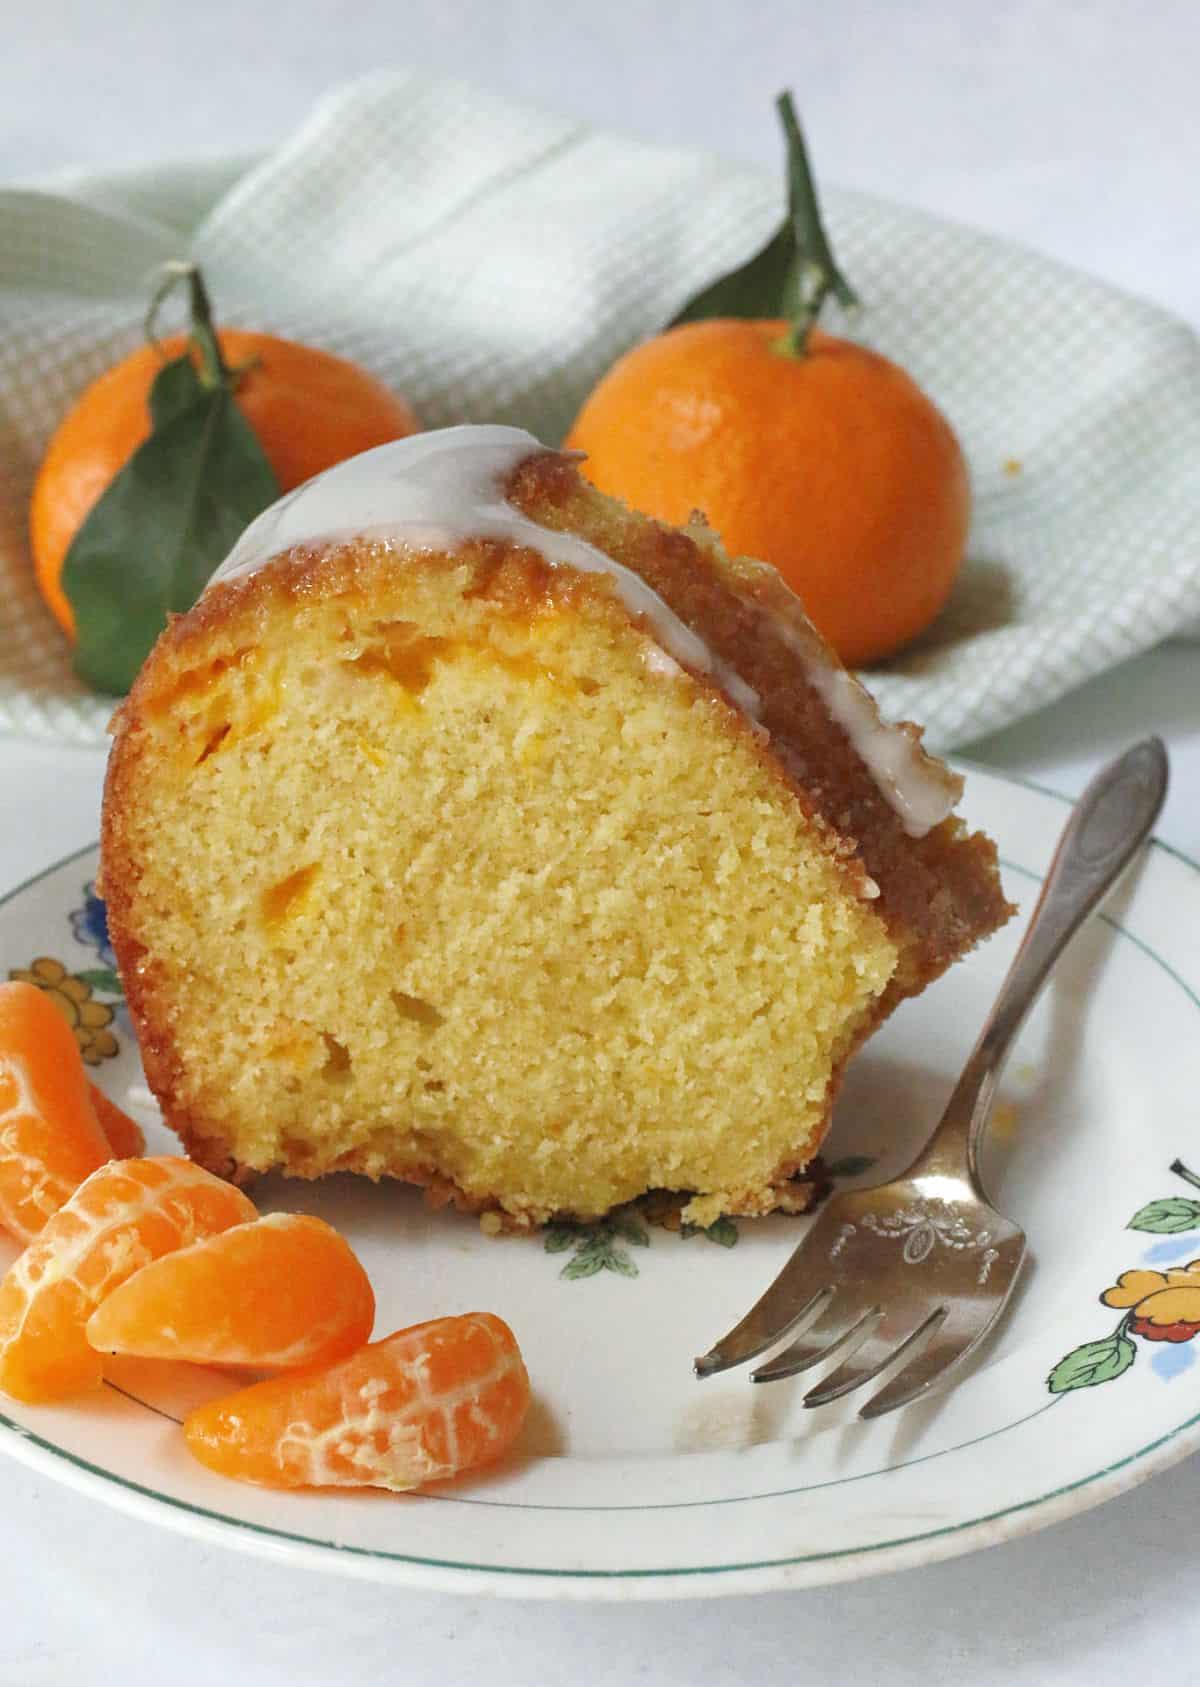 A slice of orange cake.